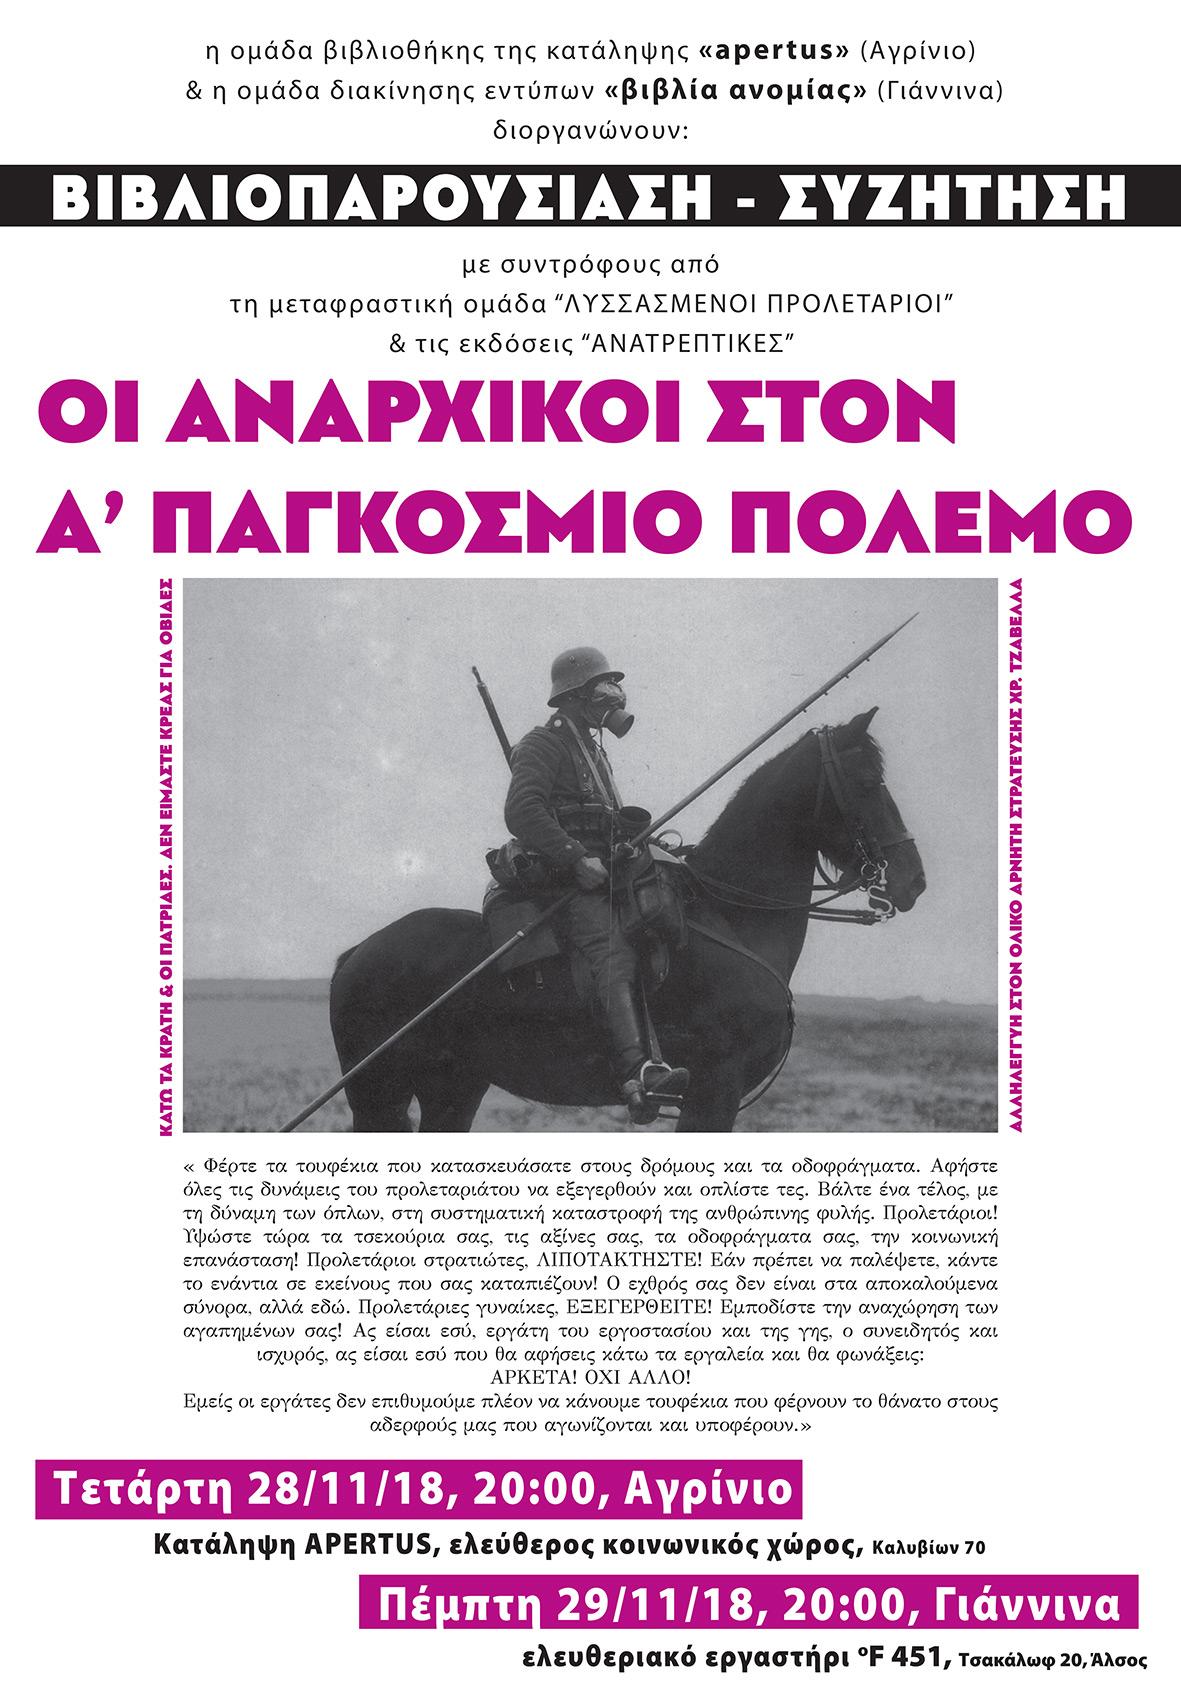 181129—anatreptikes—oi-anarxikoi-ston-a-pagkosmio-polemo (1)